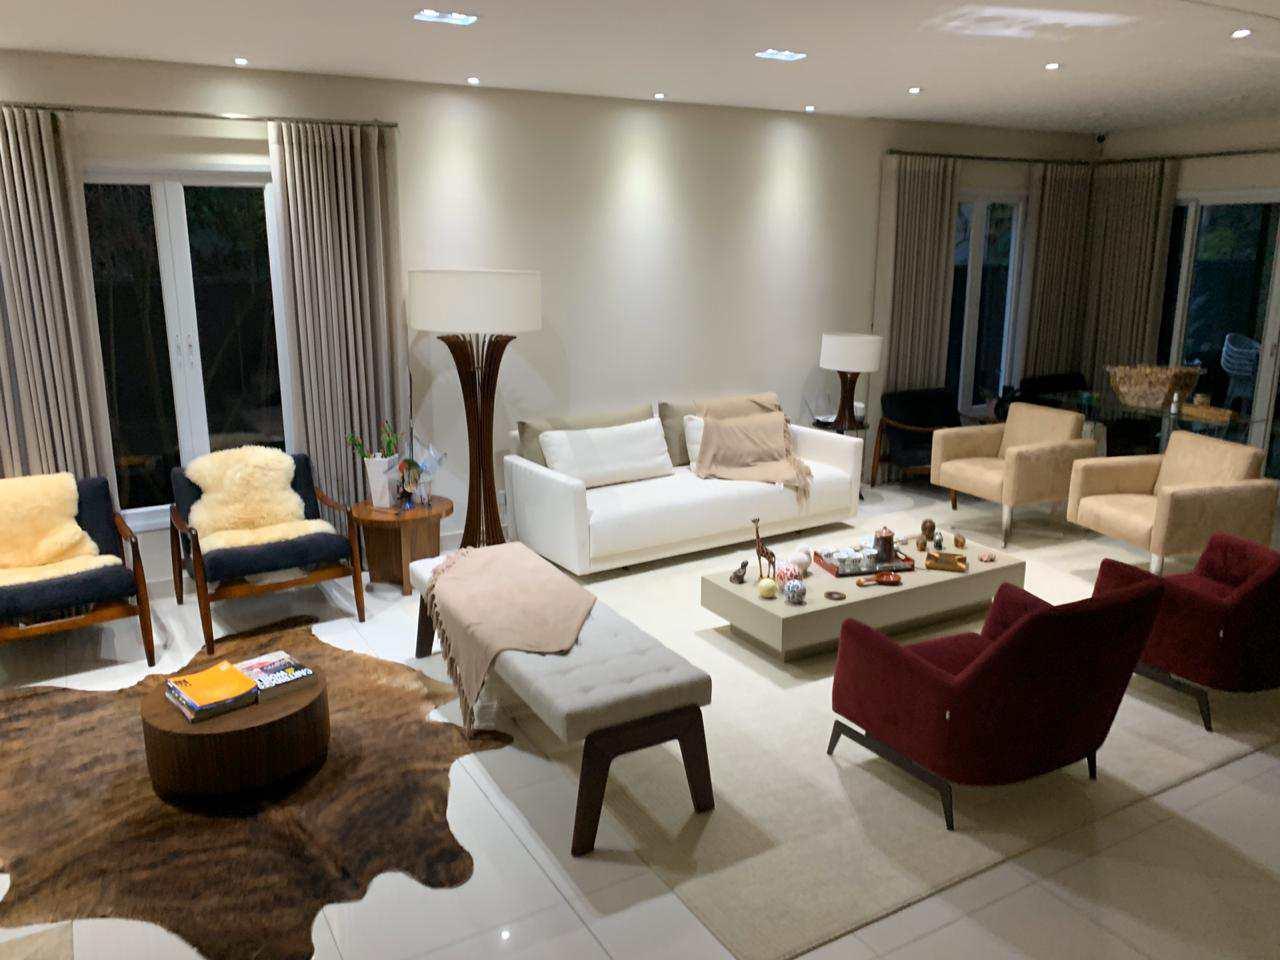 Casa de Condomínio Alphaville para venda com 4 suítes